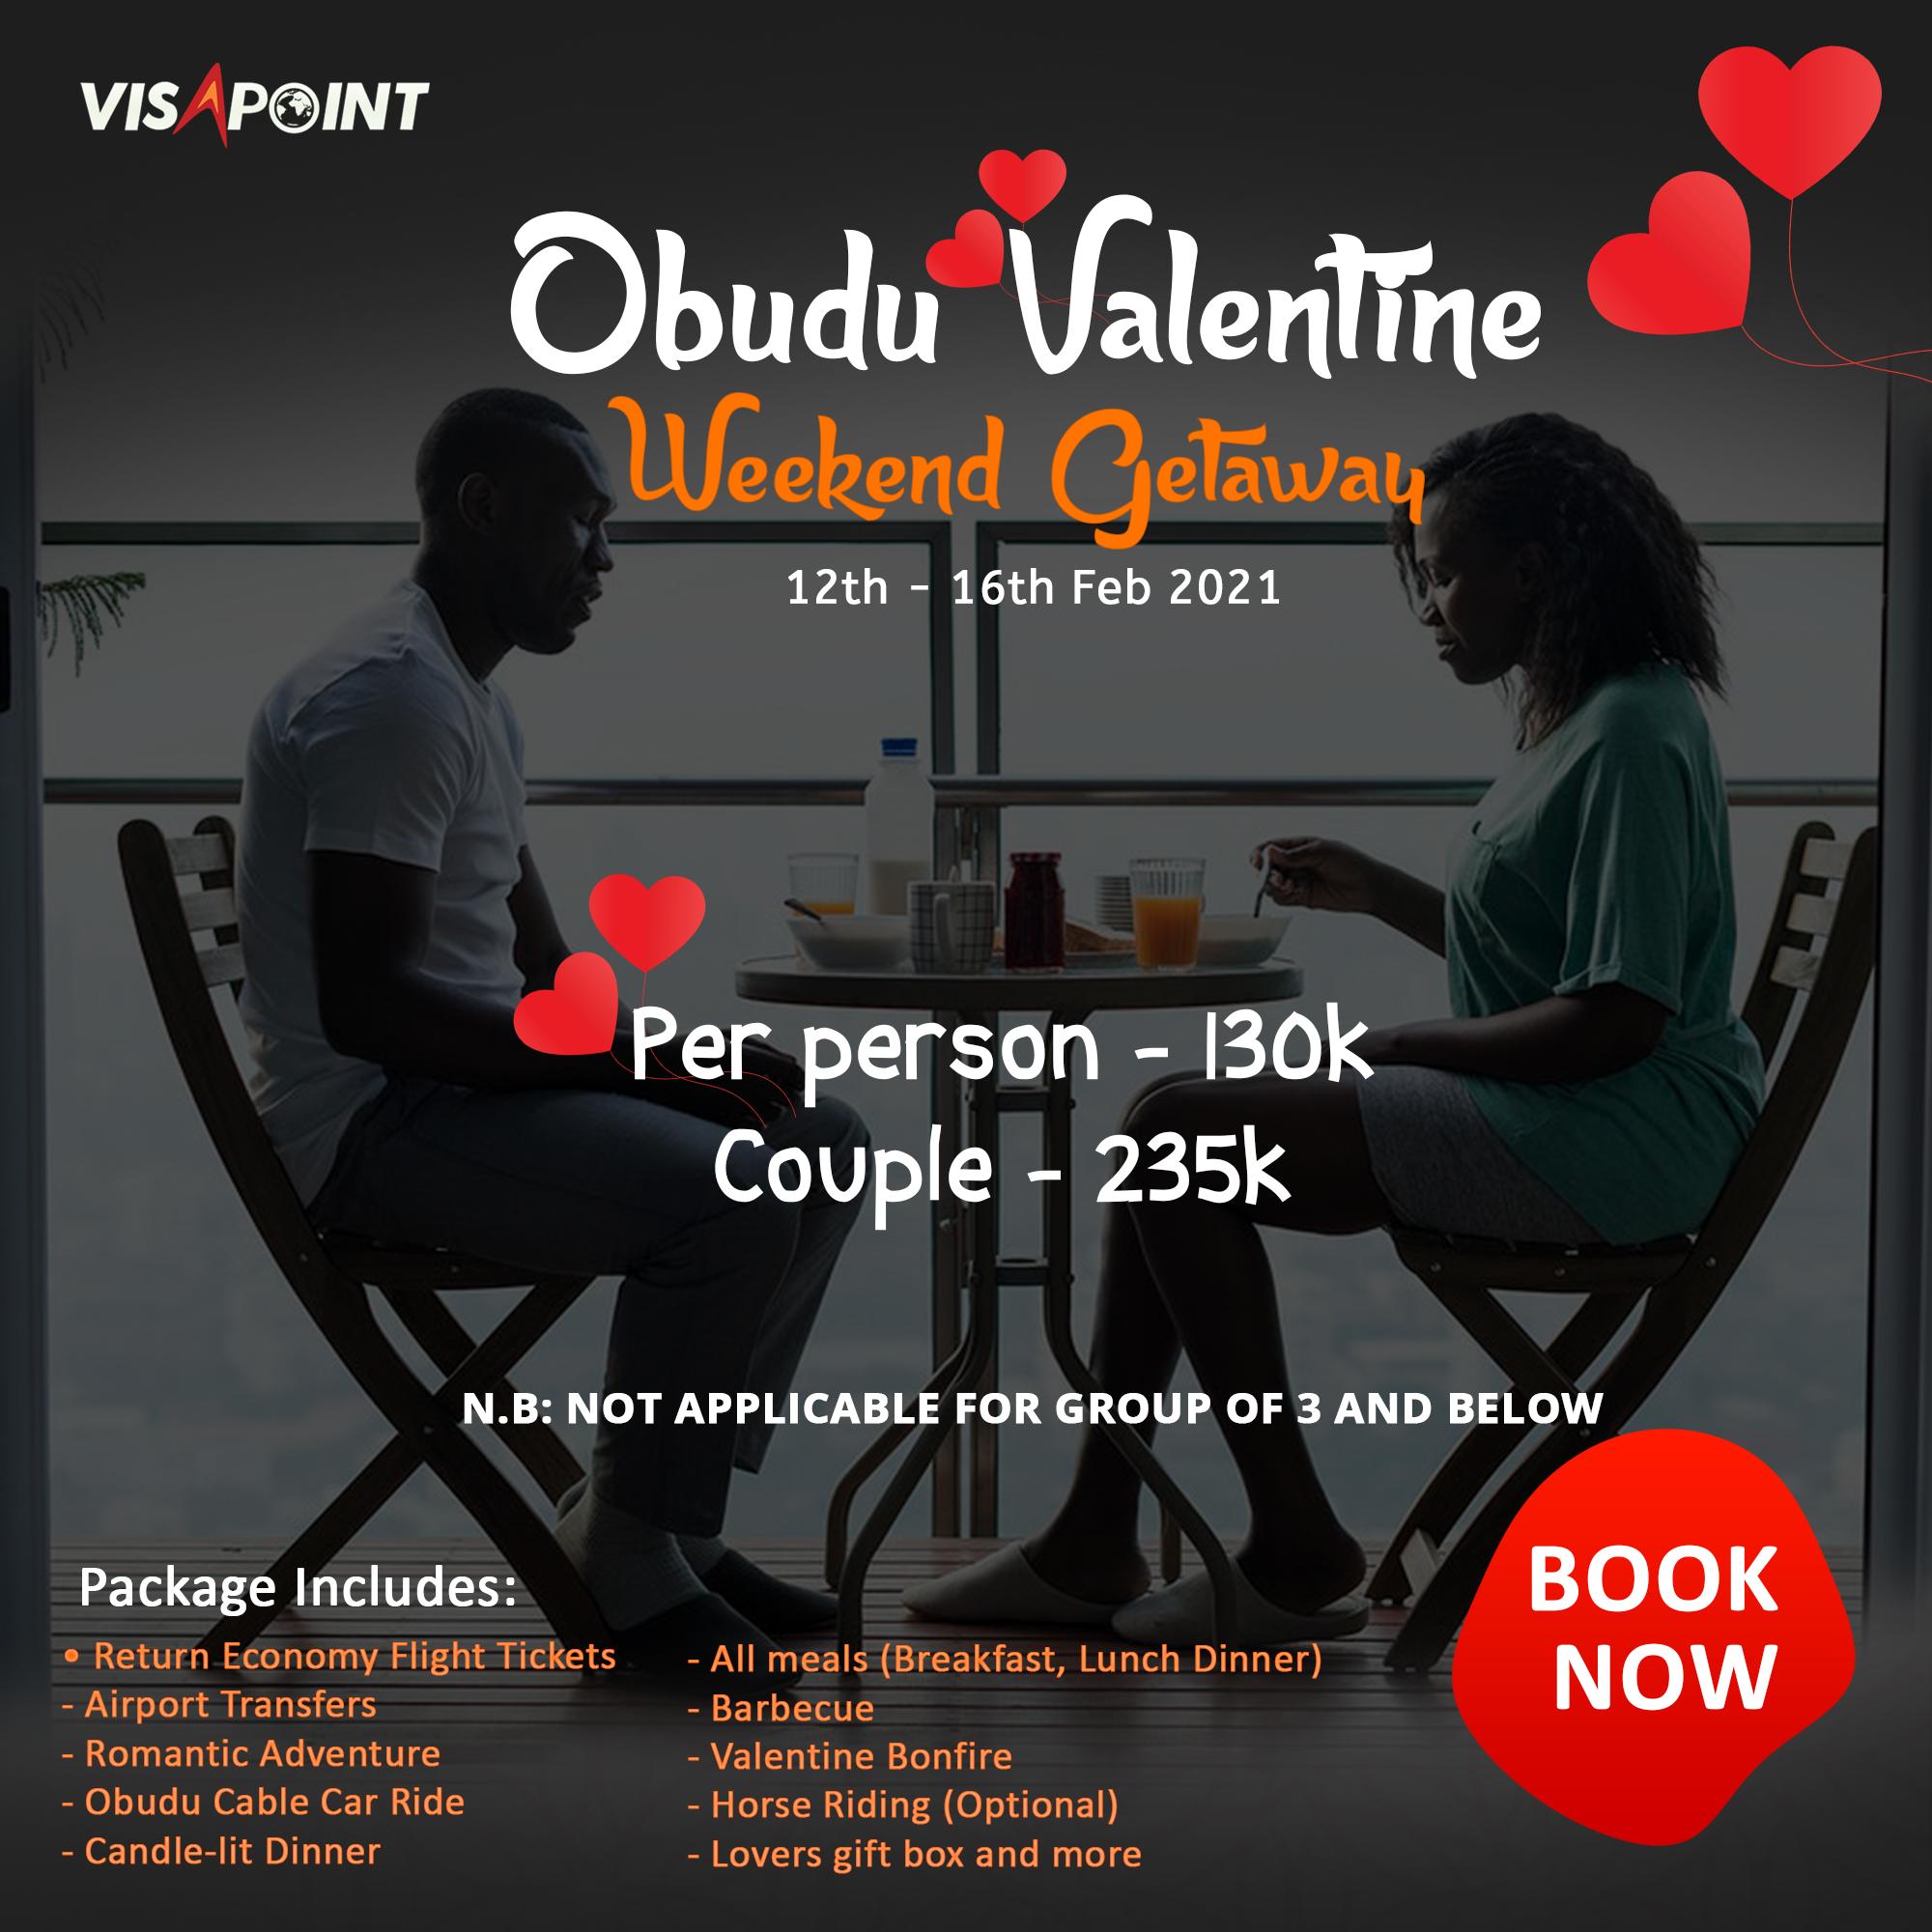 Obudu Valentine Weekend getaway